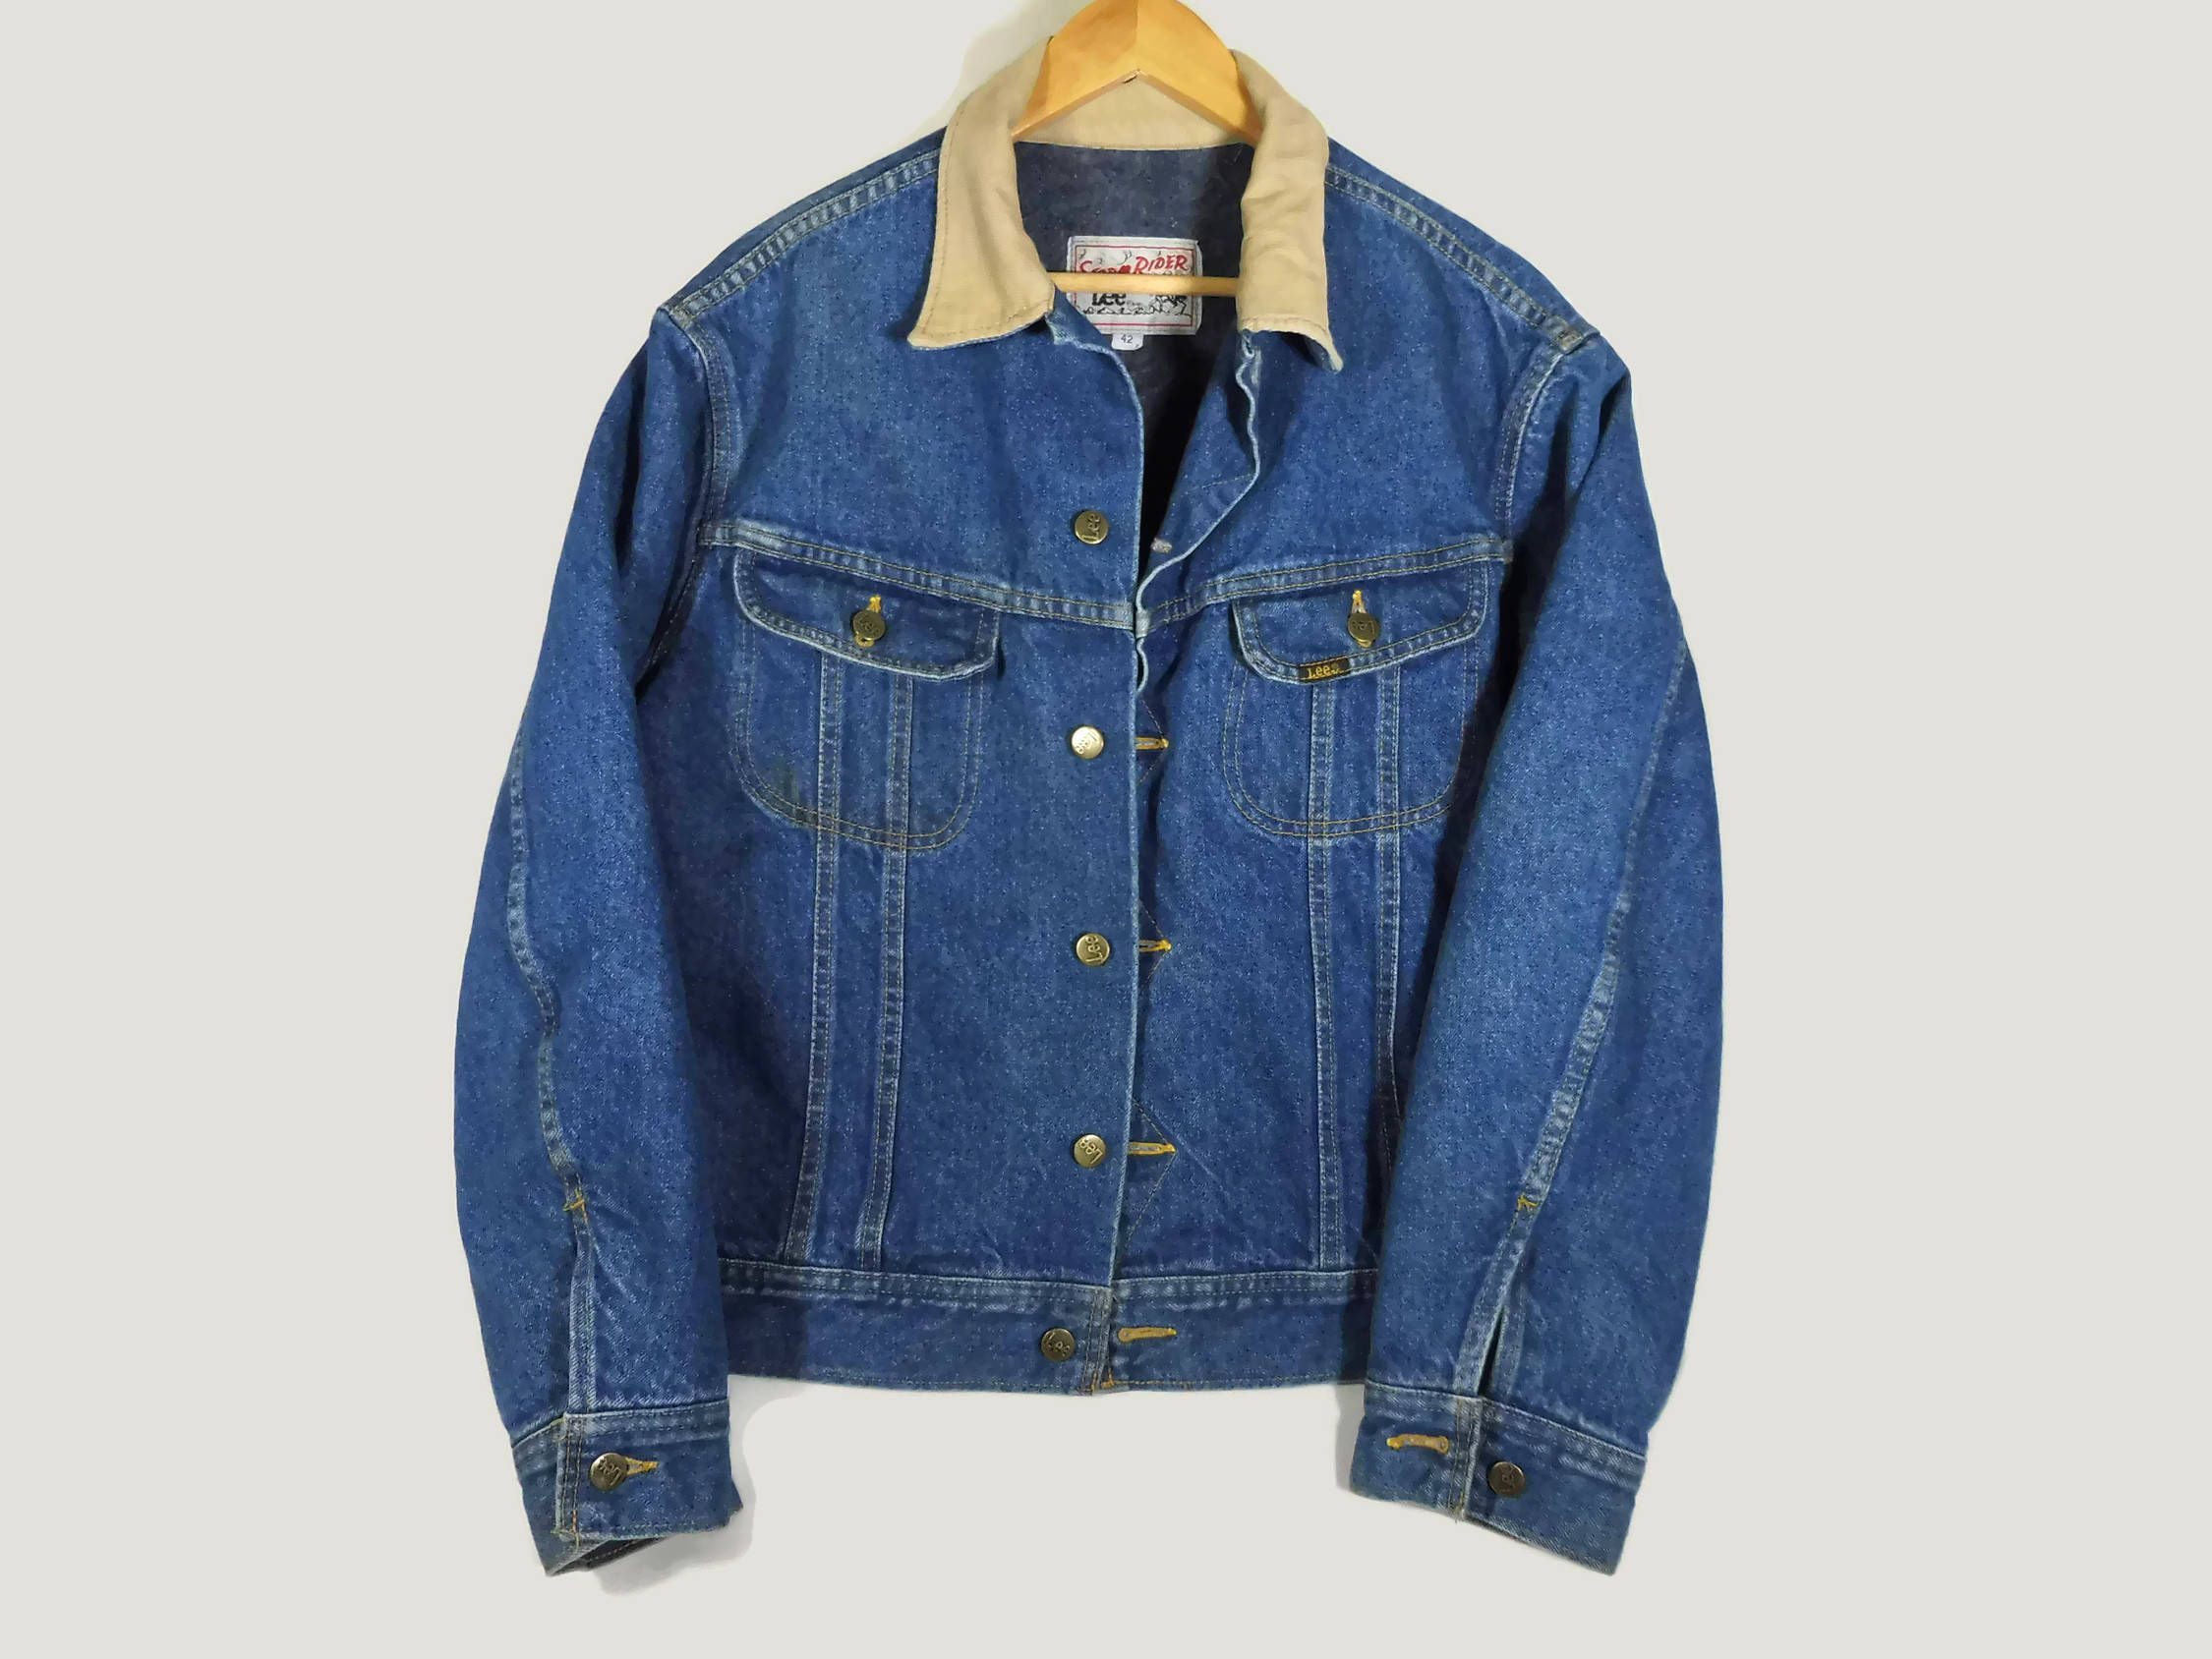 Vintage Mens Lee Stormrider Denim Jacket 42 Large Mens Etsy Denim Jacket Jackets Jacket Style [ 1688 x 2250 Pixel ]